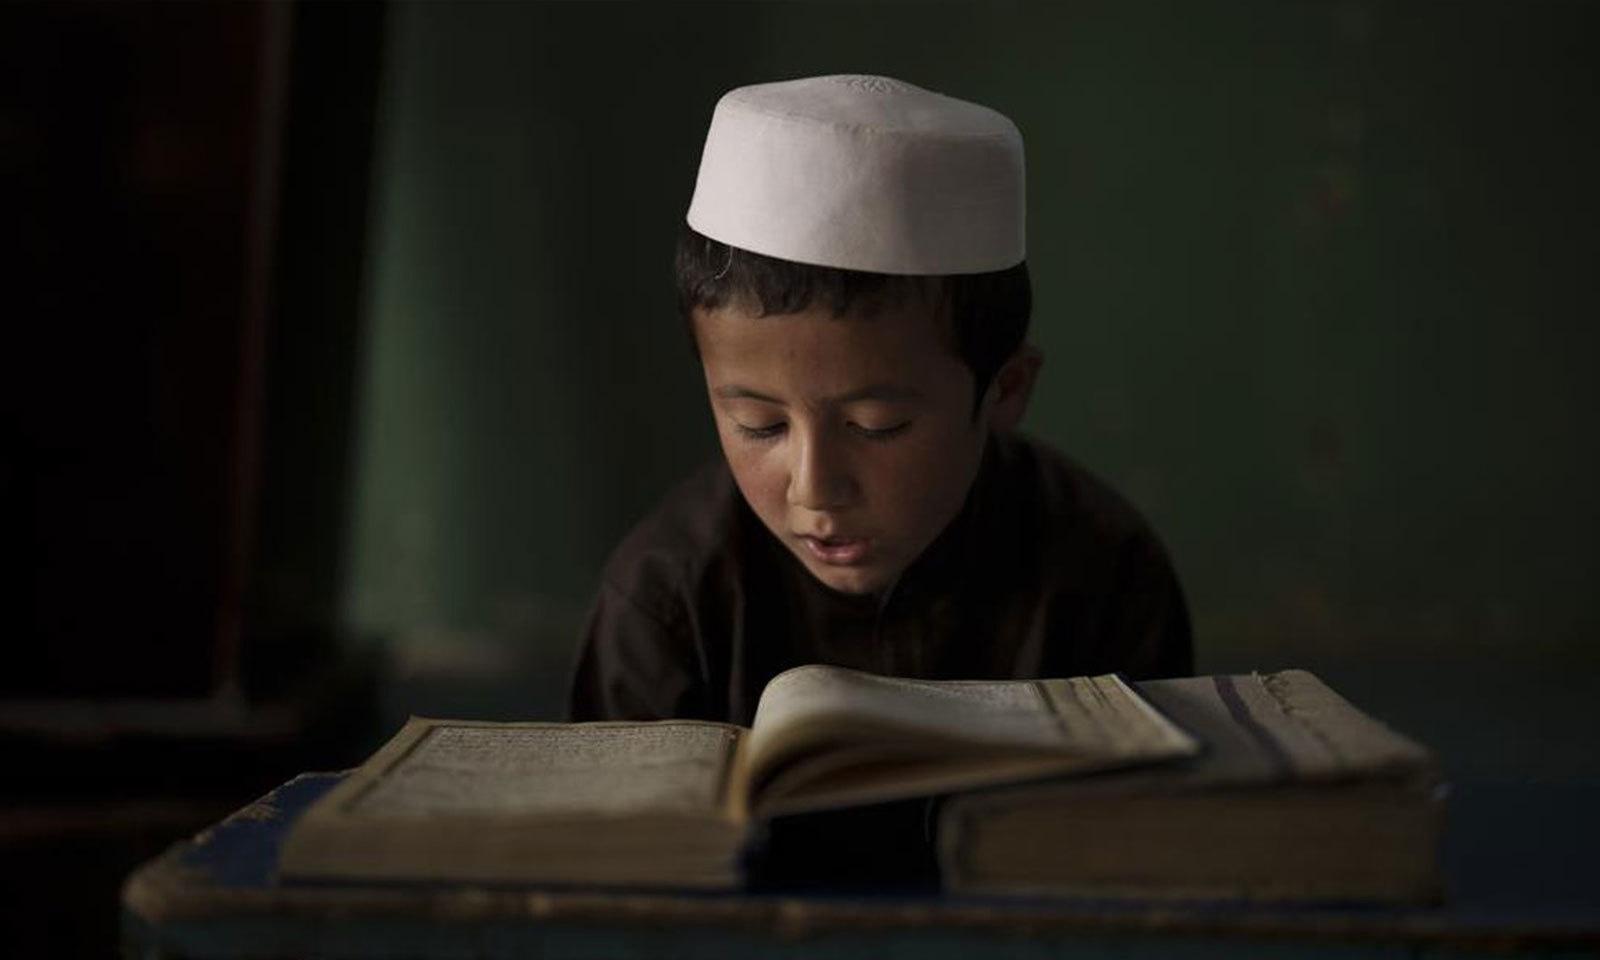 شہری تعلیم یافتہ افغانوں اور بین الاقوامی برادری کی طرف سے لڑکیوں اور عورتوں کی تعلیم تک مساوی رسائی کی اپیل بھی کی جارہی ہے—فوٹو: اے پی